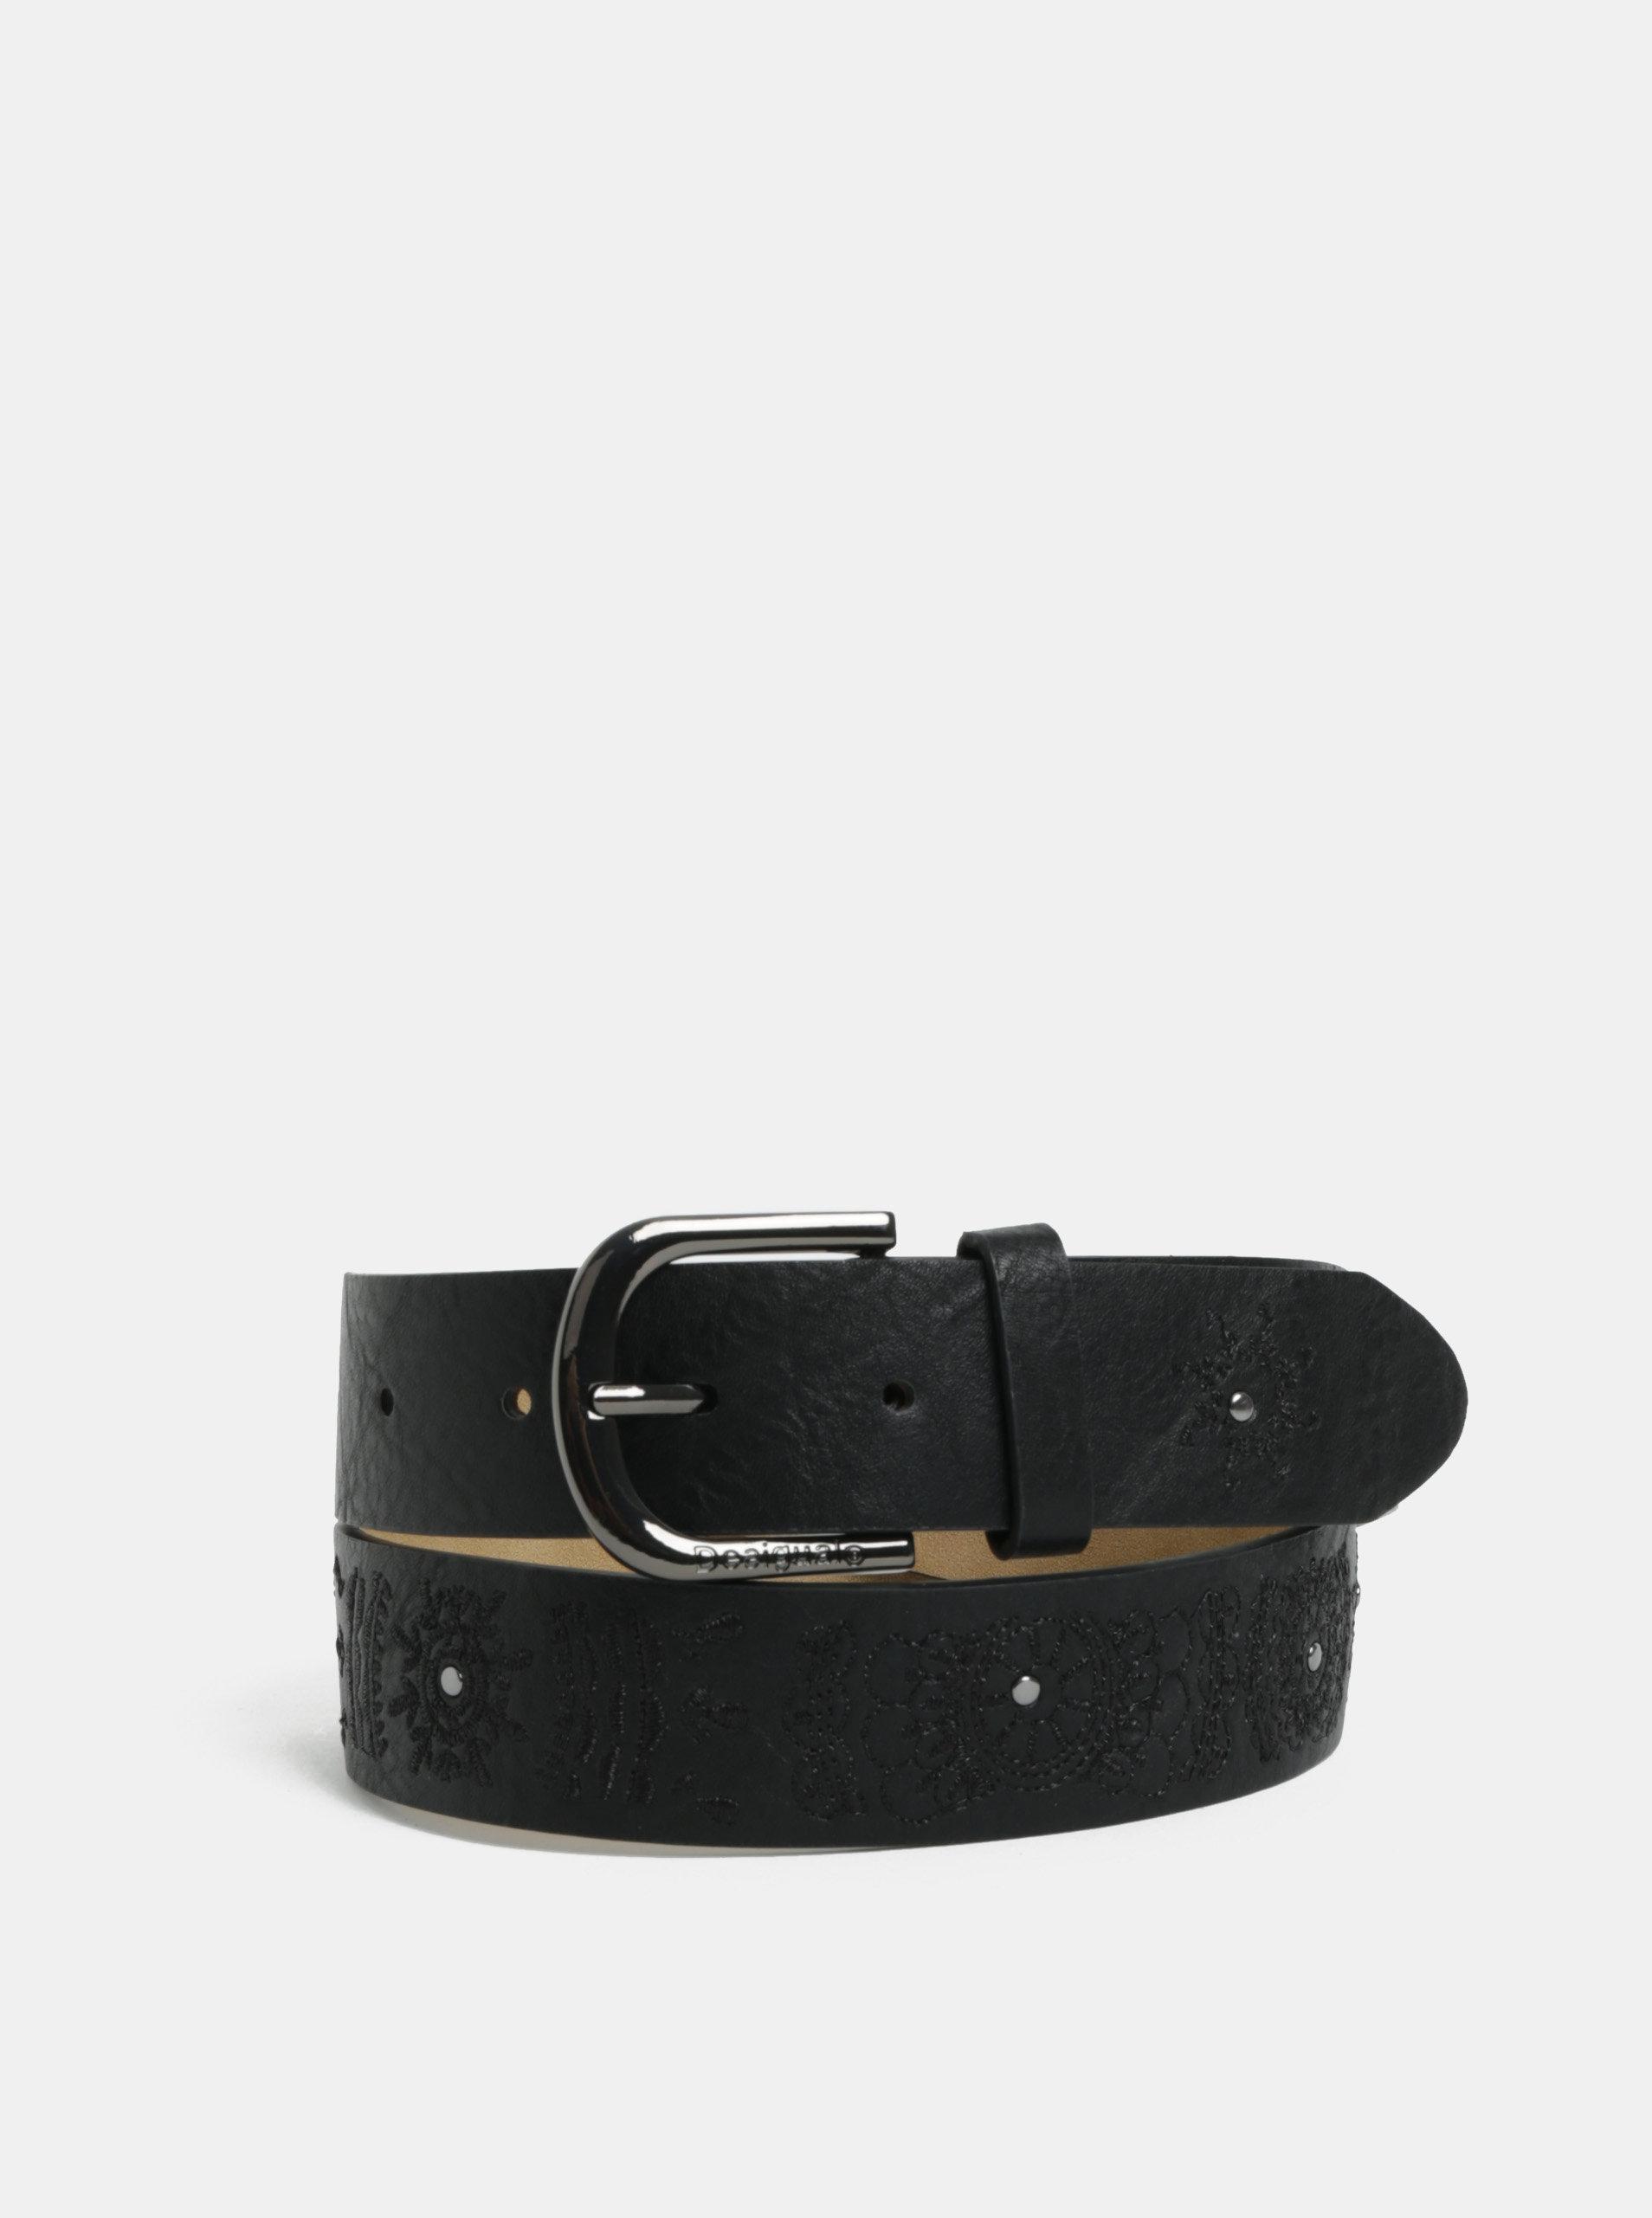 Černý koženkový vzorovaný pásek Desigual Mandala